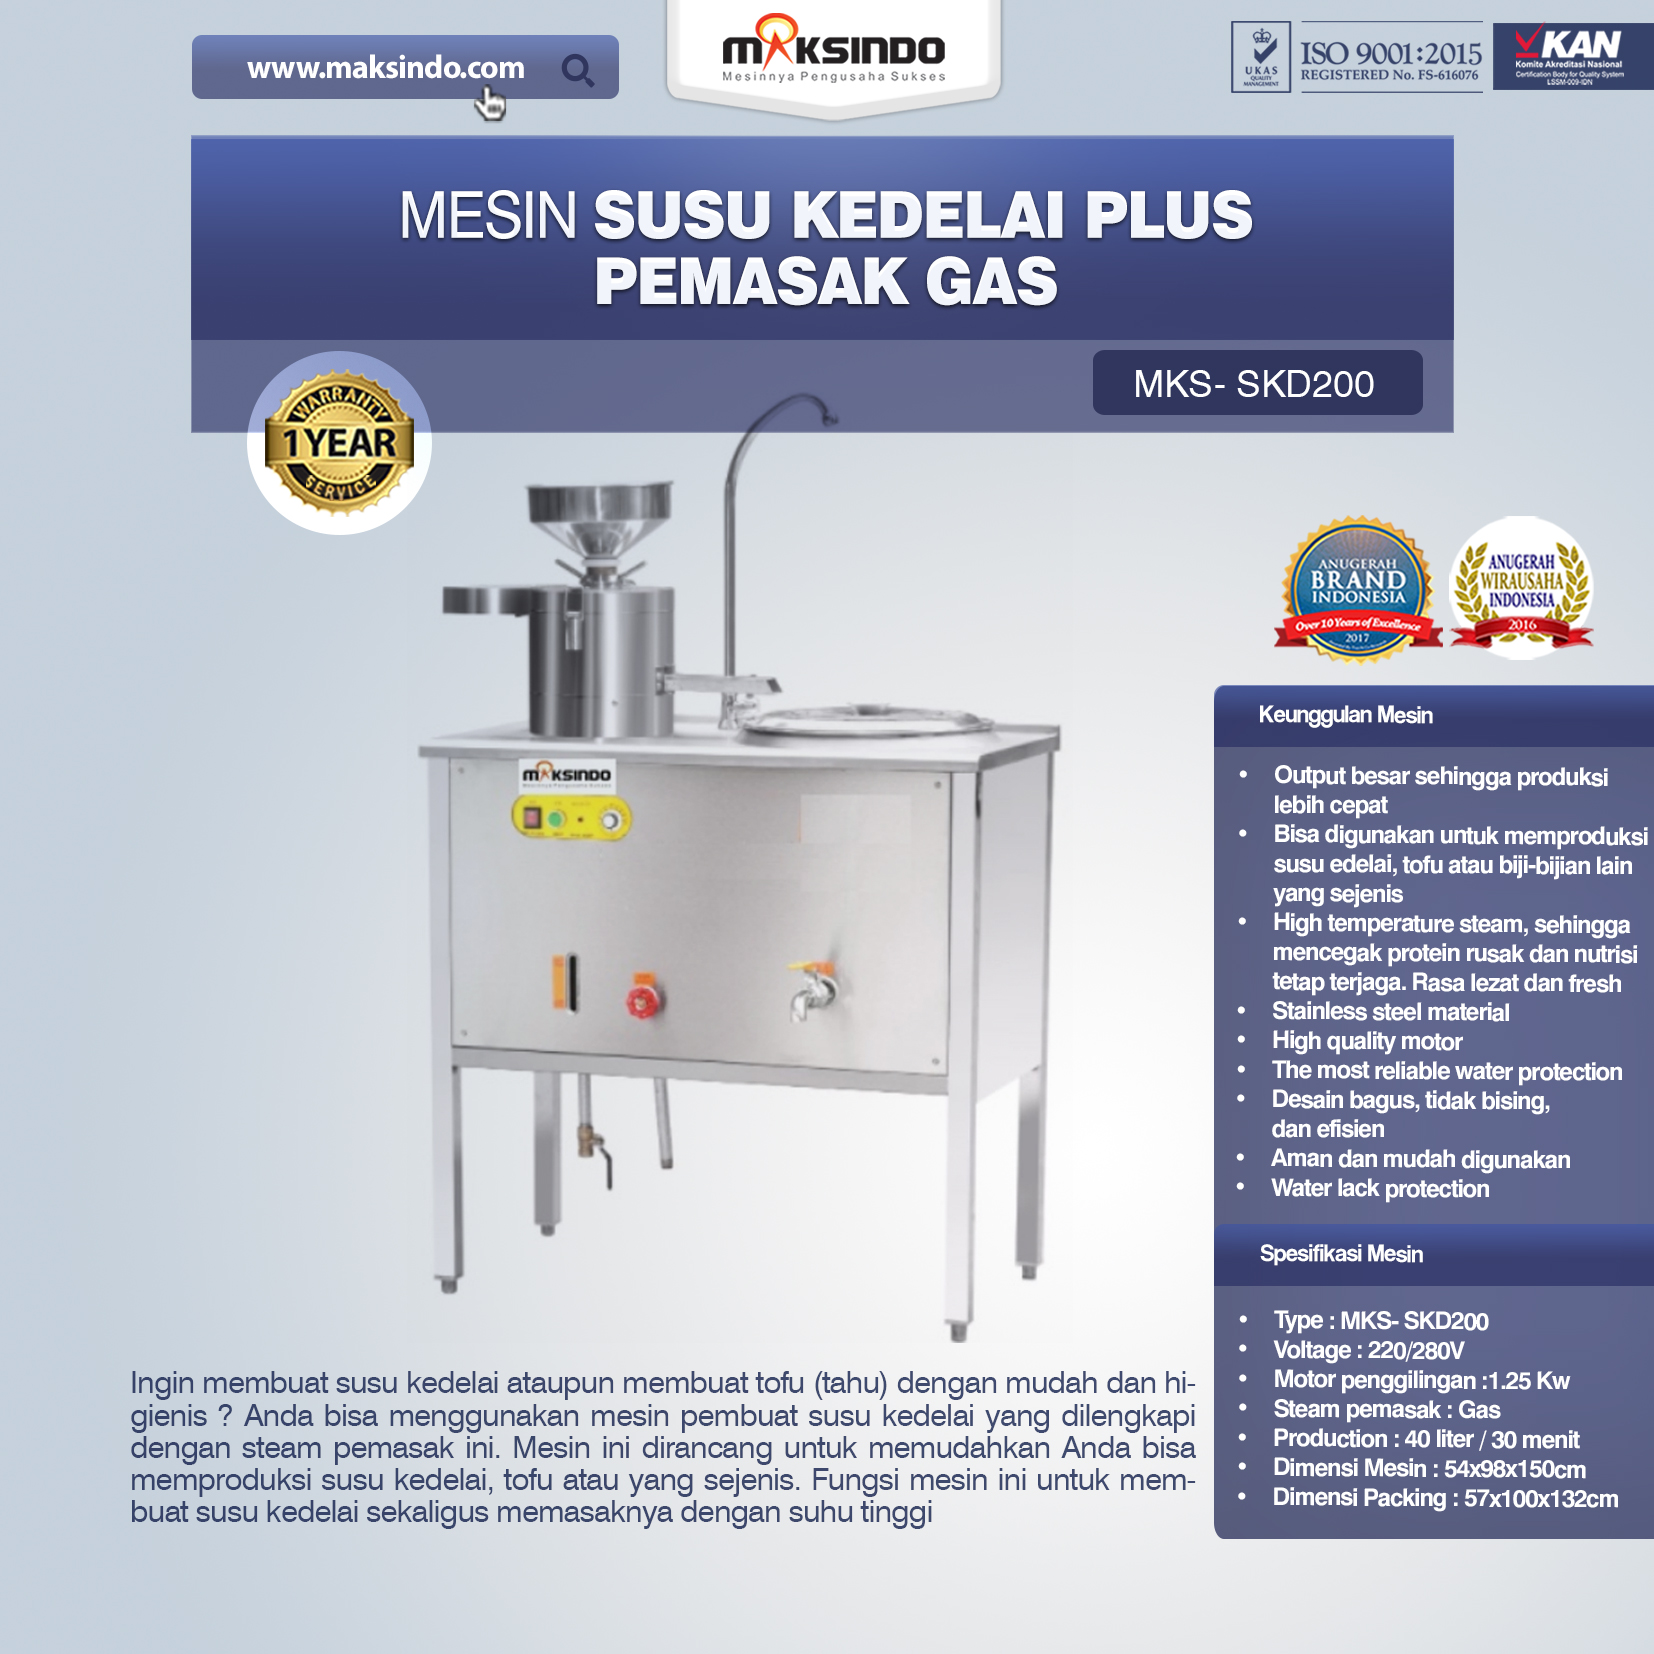 Jual Mesin Susu Kedelai Plus Pemasak Gas (SKD200) di Bali